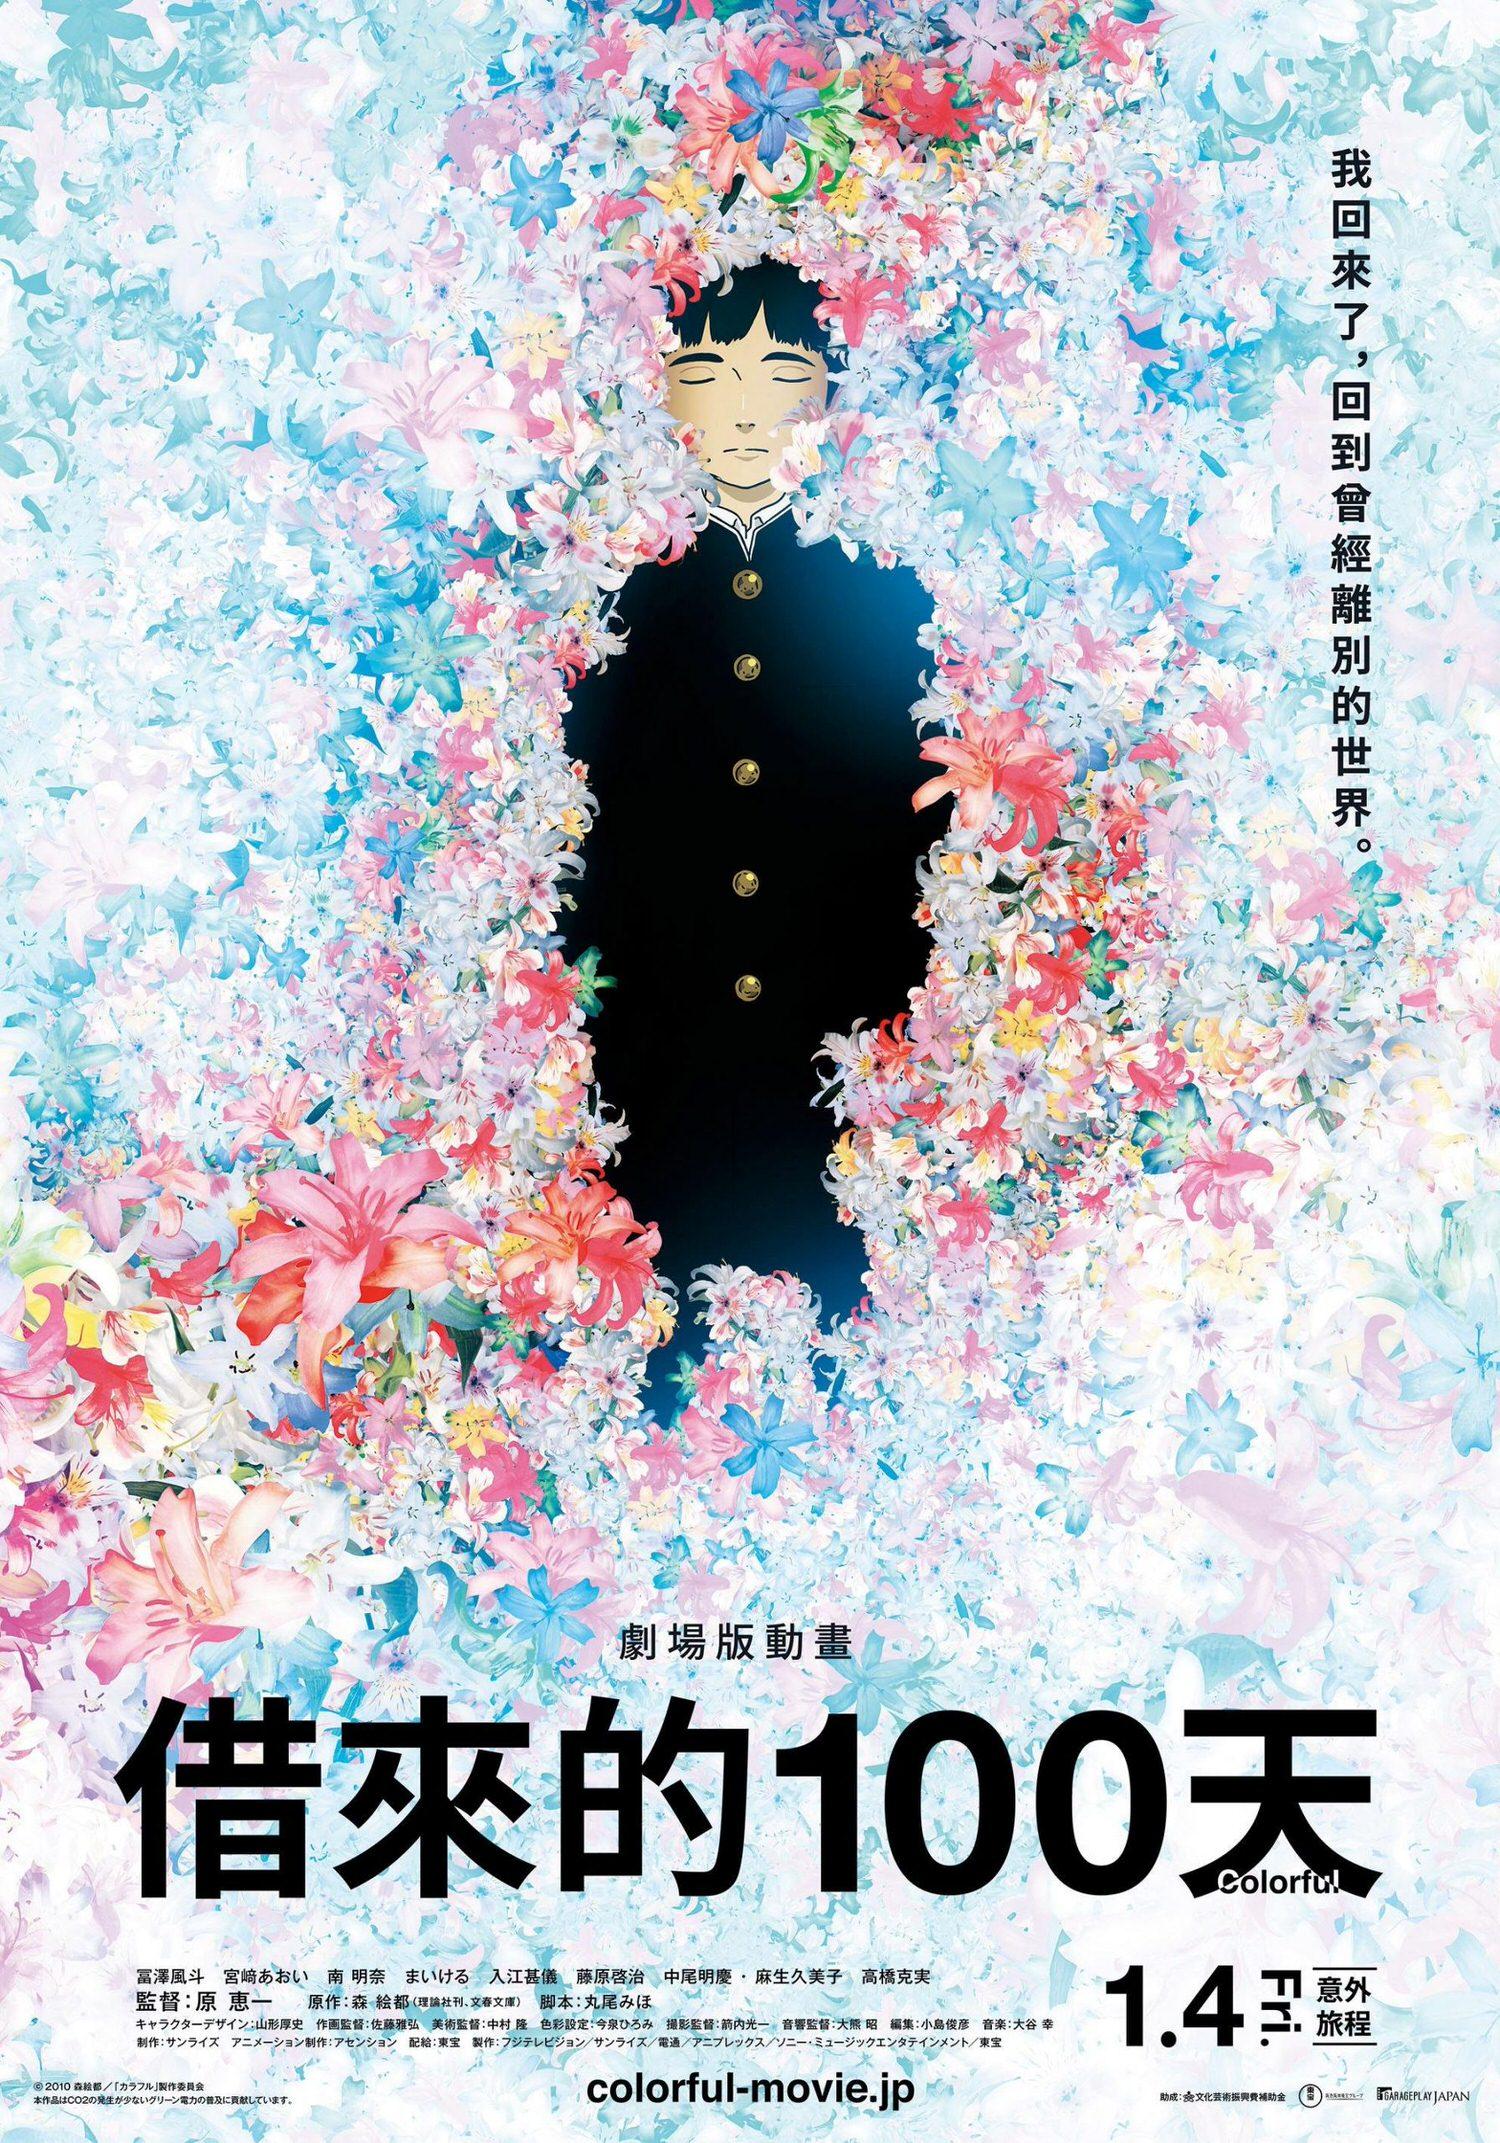 電影【借來的100天】Colorful 劇場版動畫:我回來了,回到曾經離別的世界。